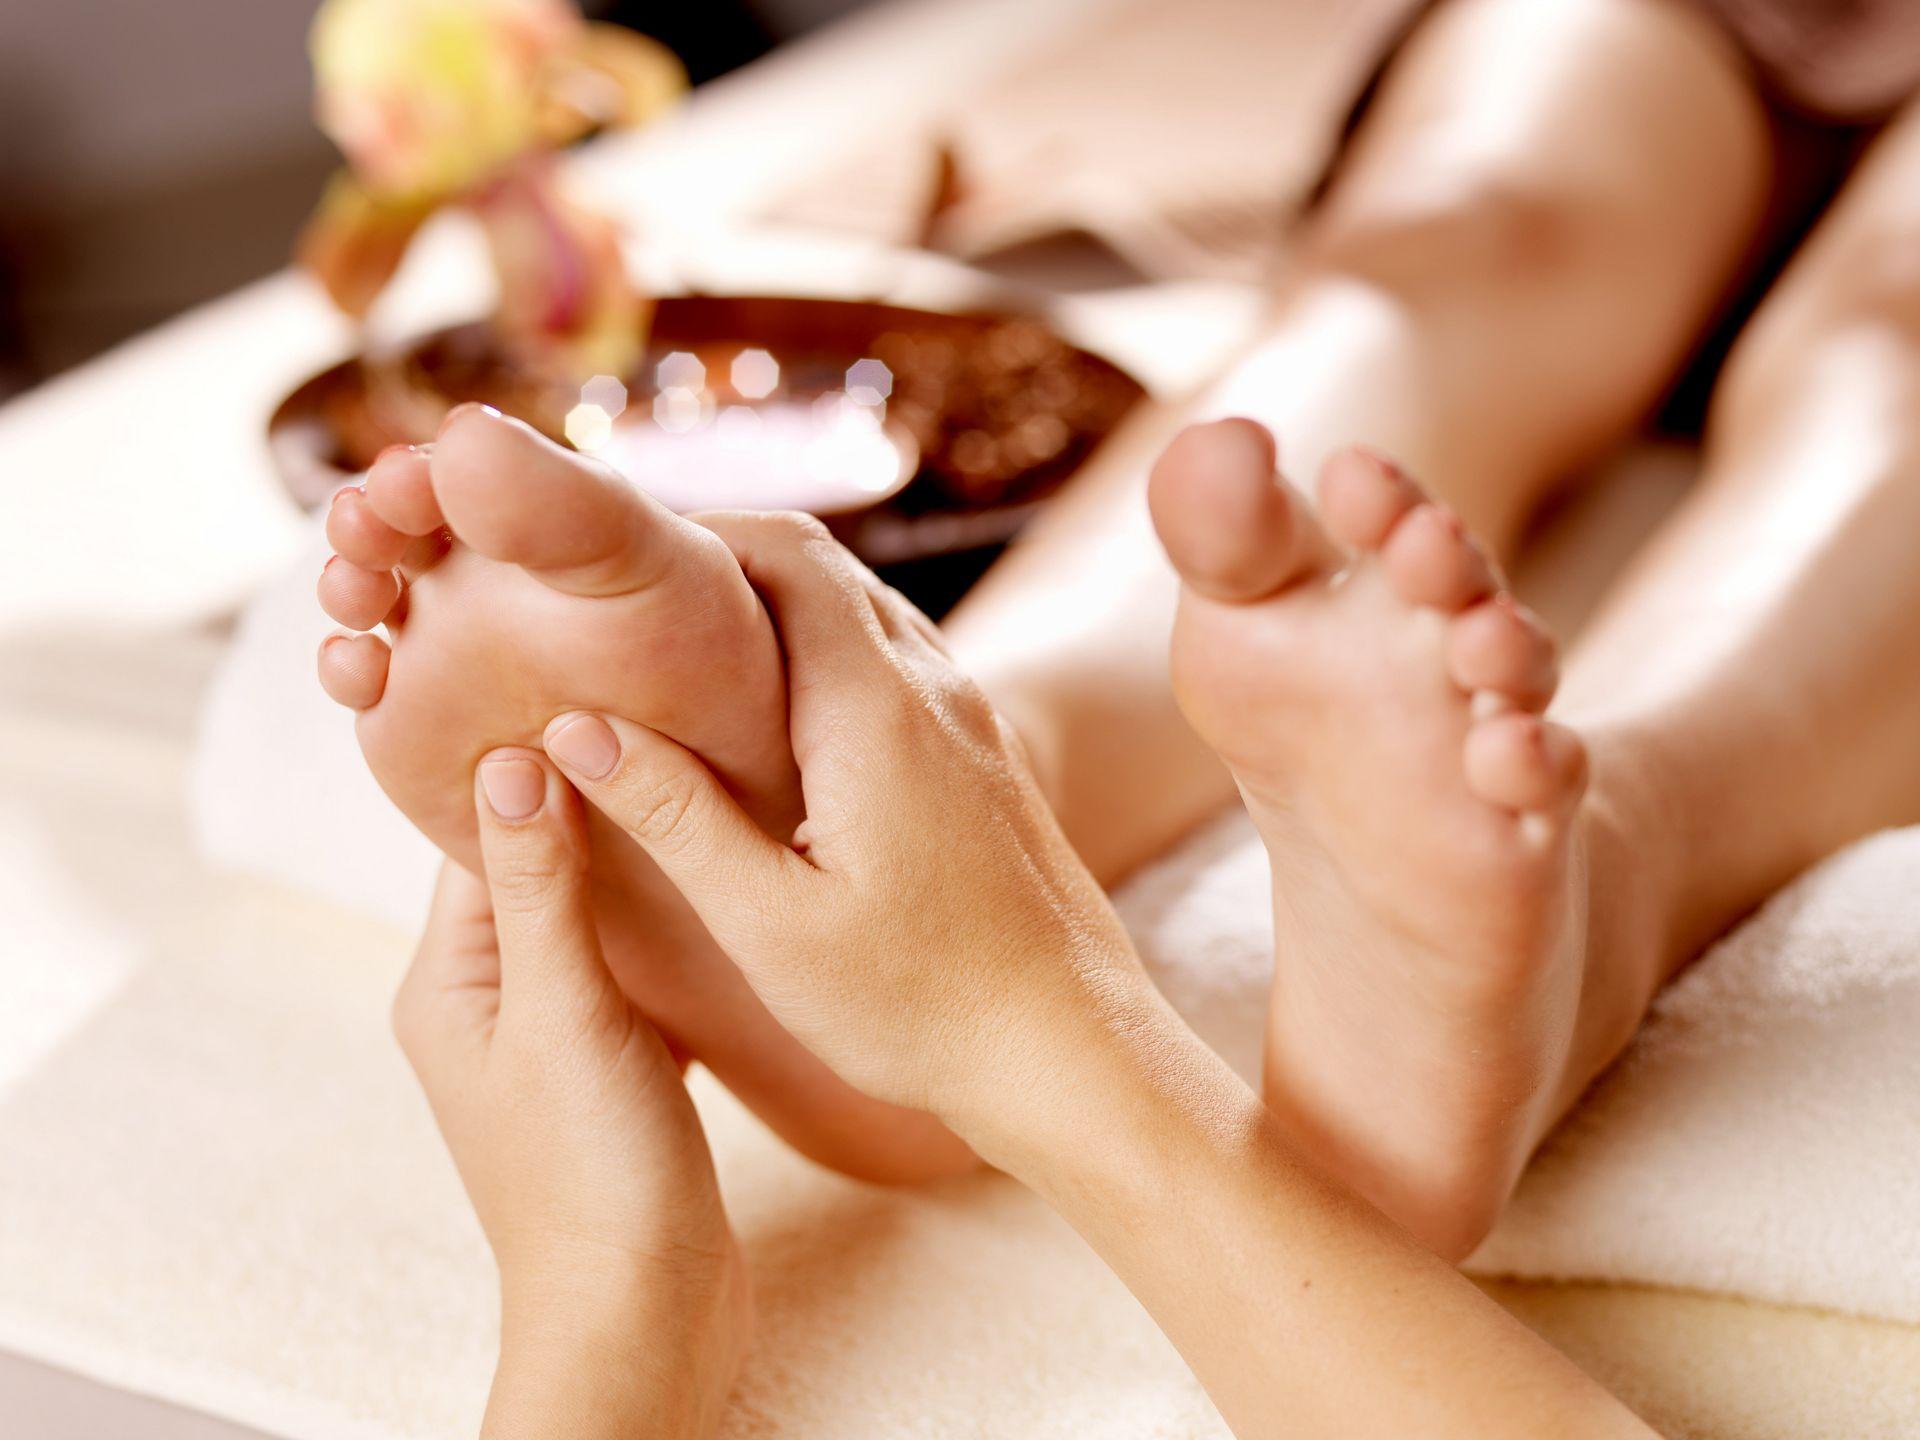 hogy az ízületek ne sértsék a lábakat